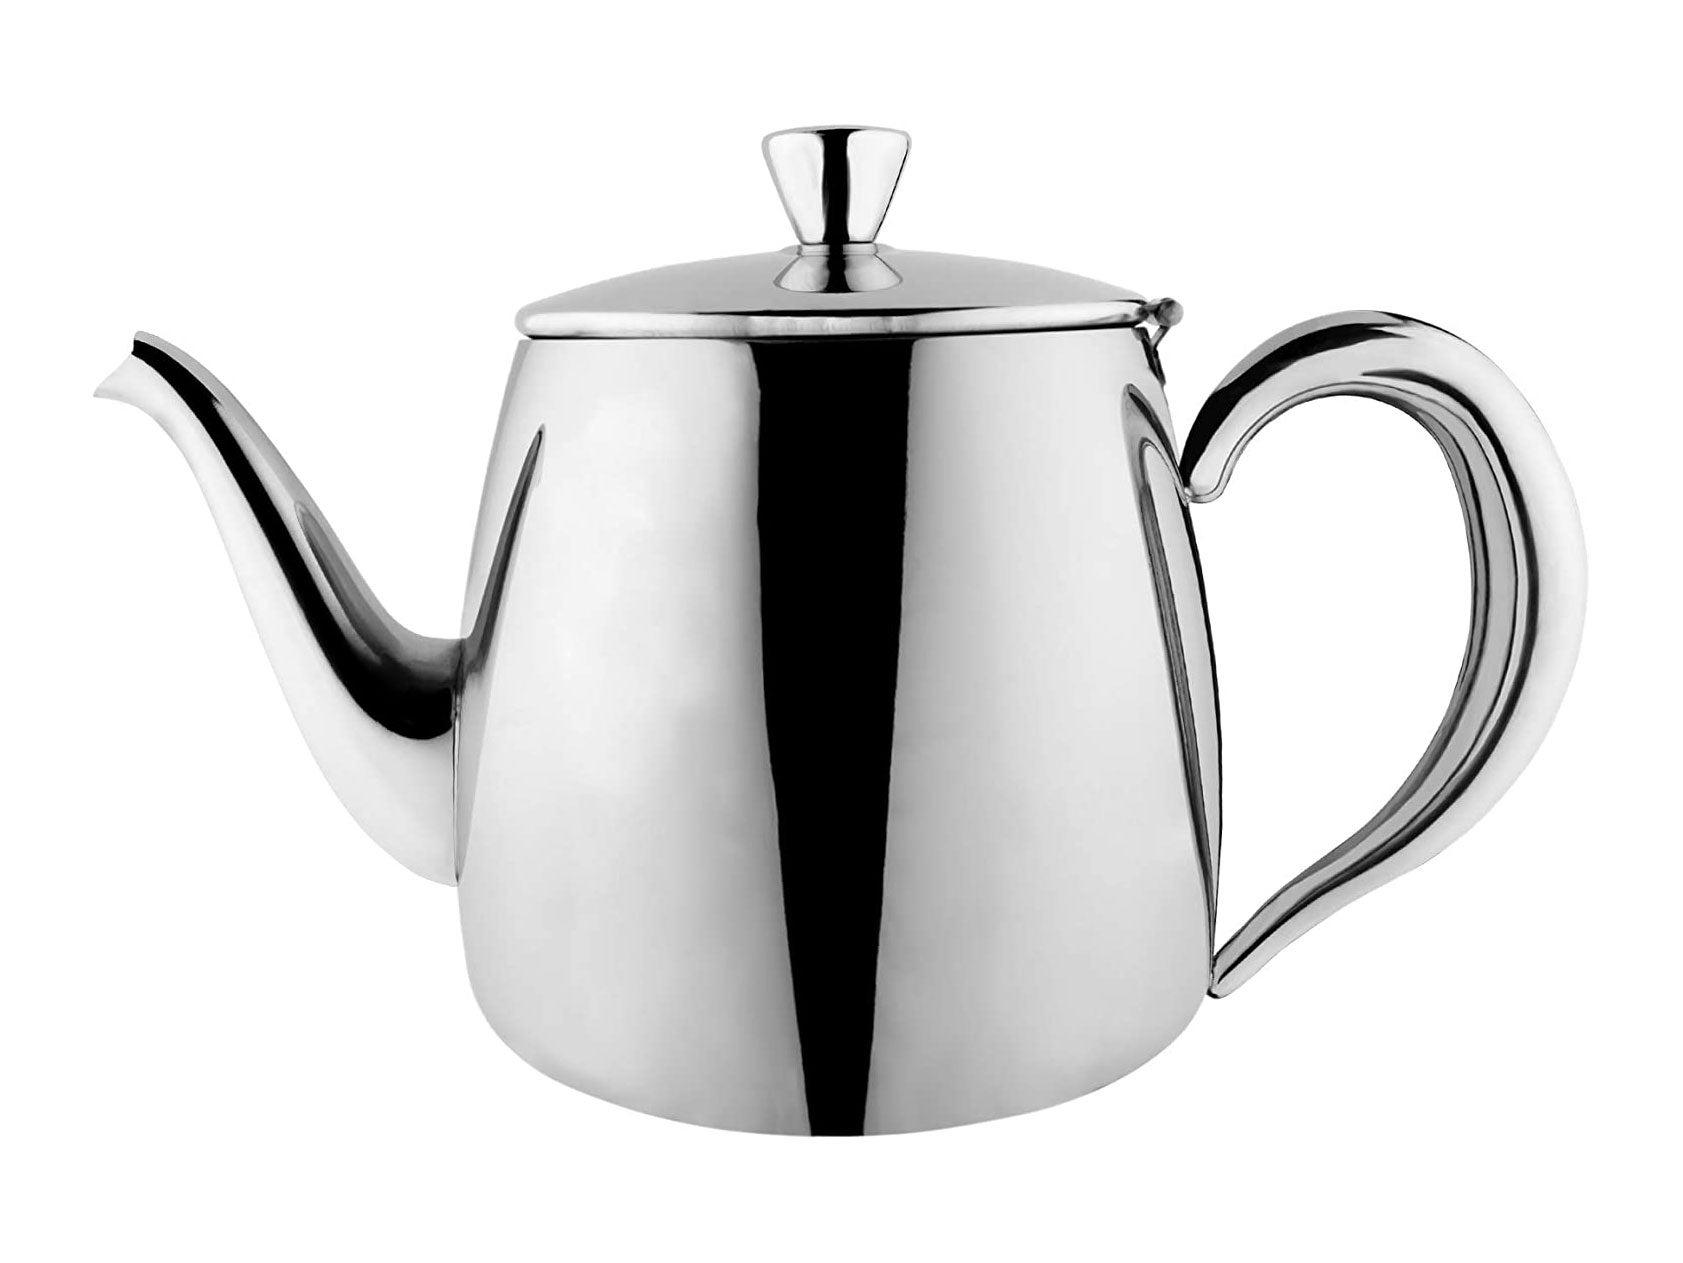 Café Olé  Premium Tea Pot, 18/10 Stainless Steel, Mirror Polished, 24oz, Stay Cool Hollow Handles, Perfect Pour Spout, Silver